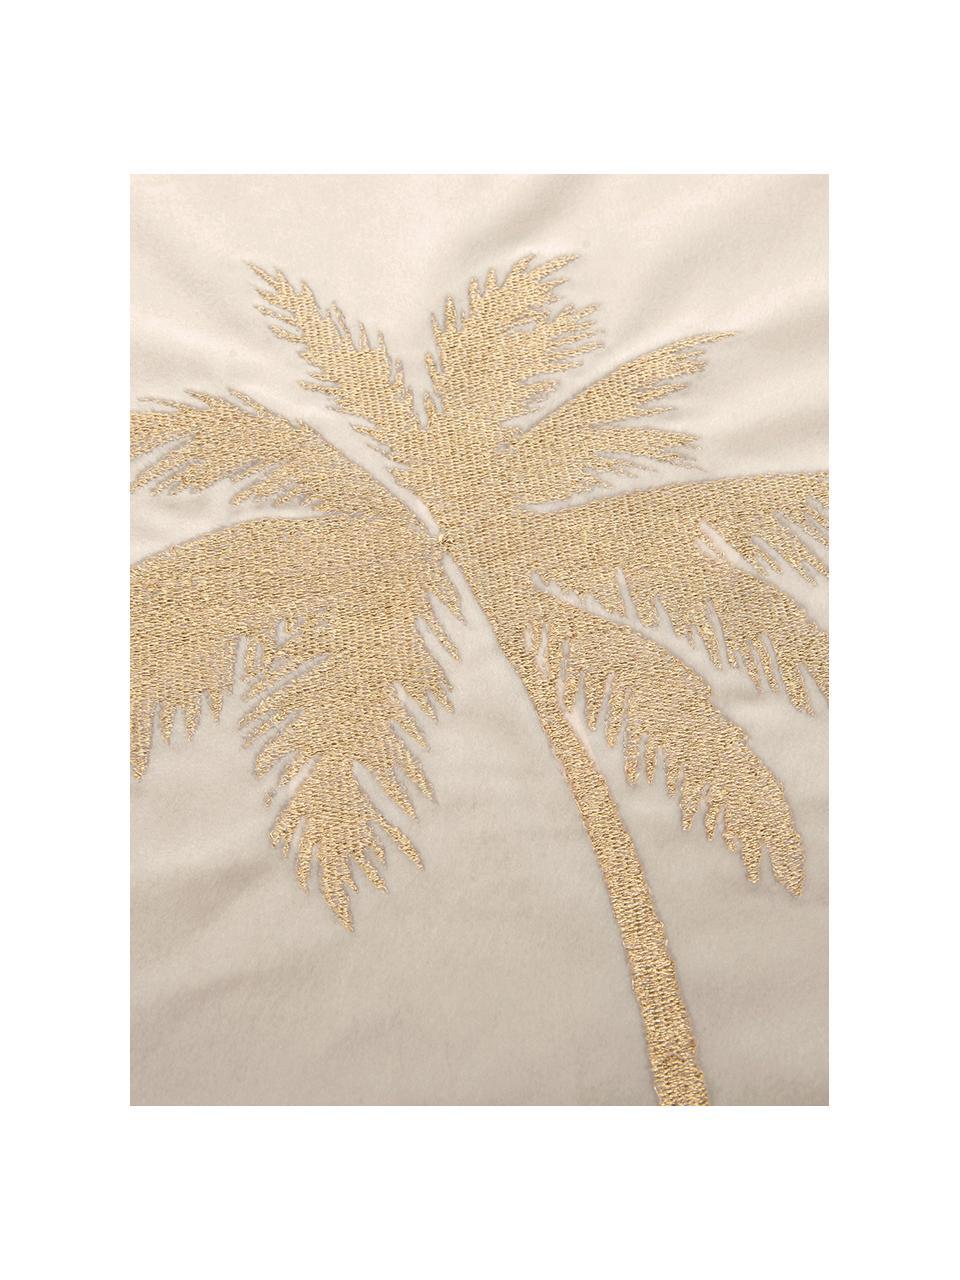 Housse de coussin 40x40 velours brillant Palmsprings, Blanc crème, couleur dorée